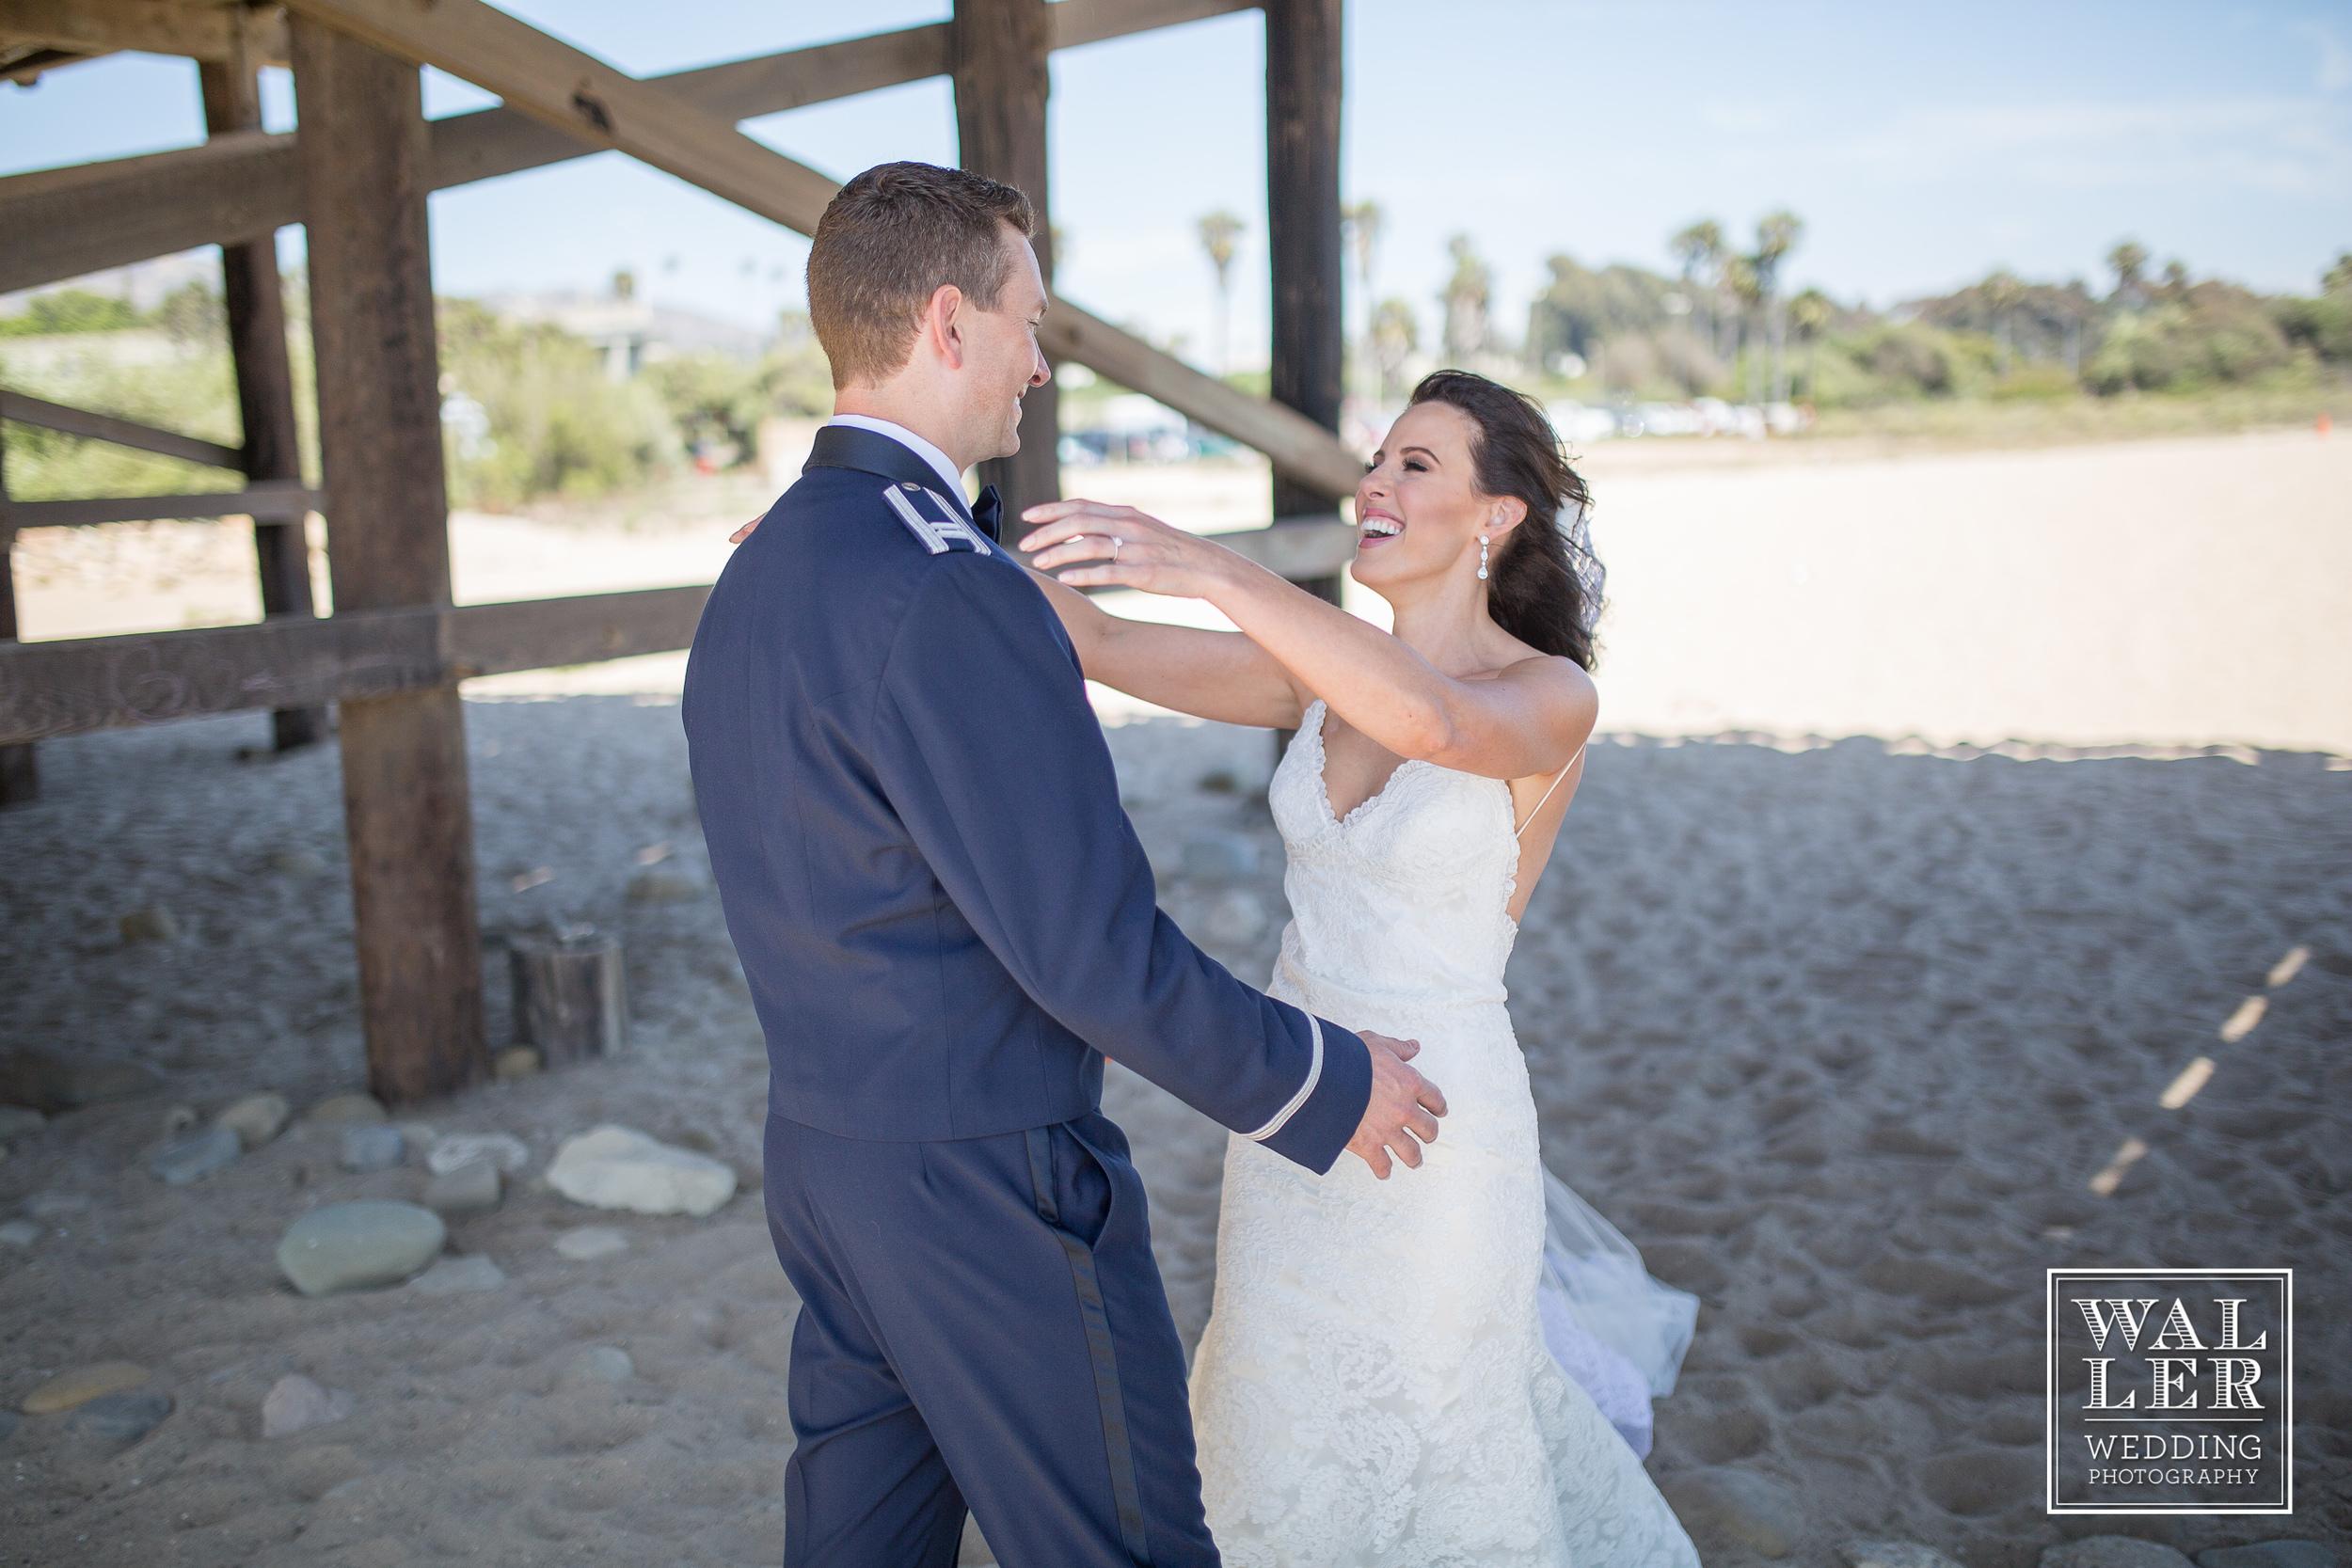 waller weddings-15.jpg